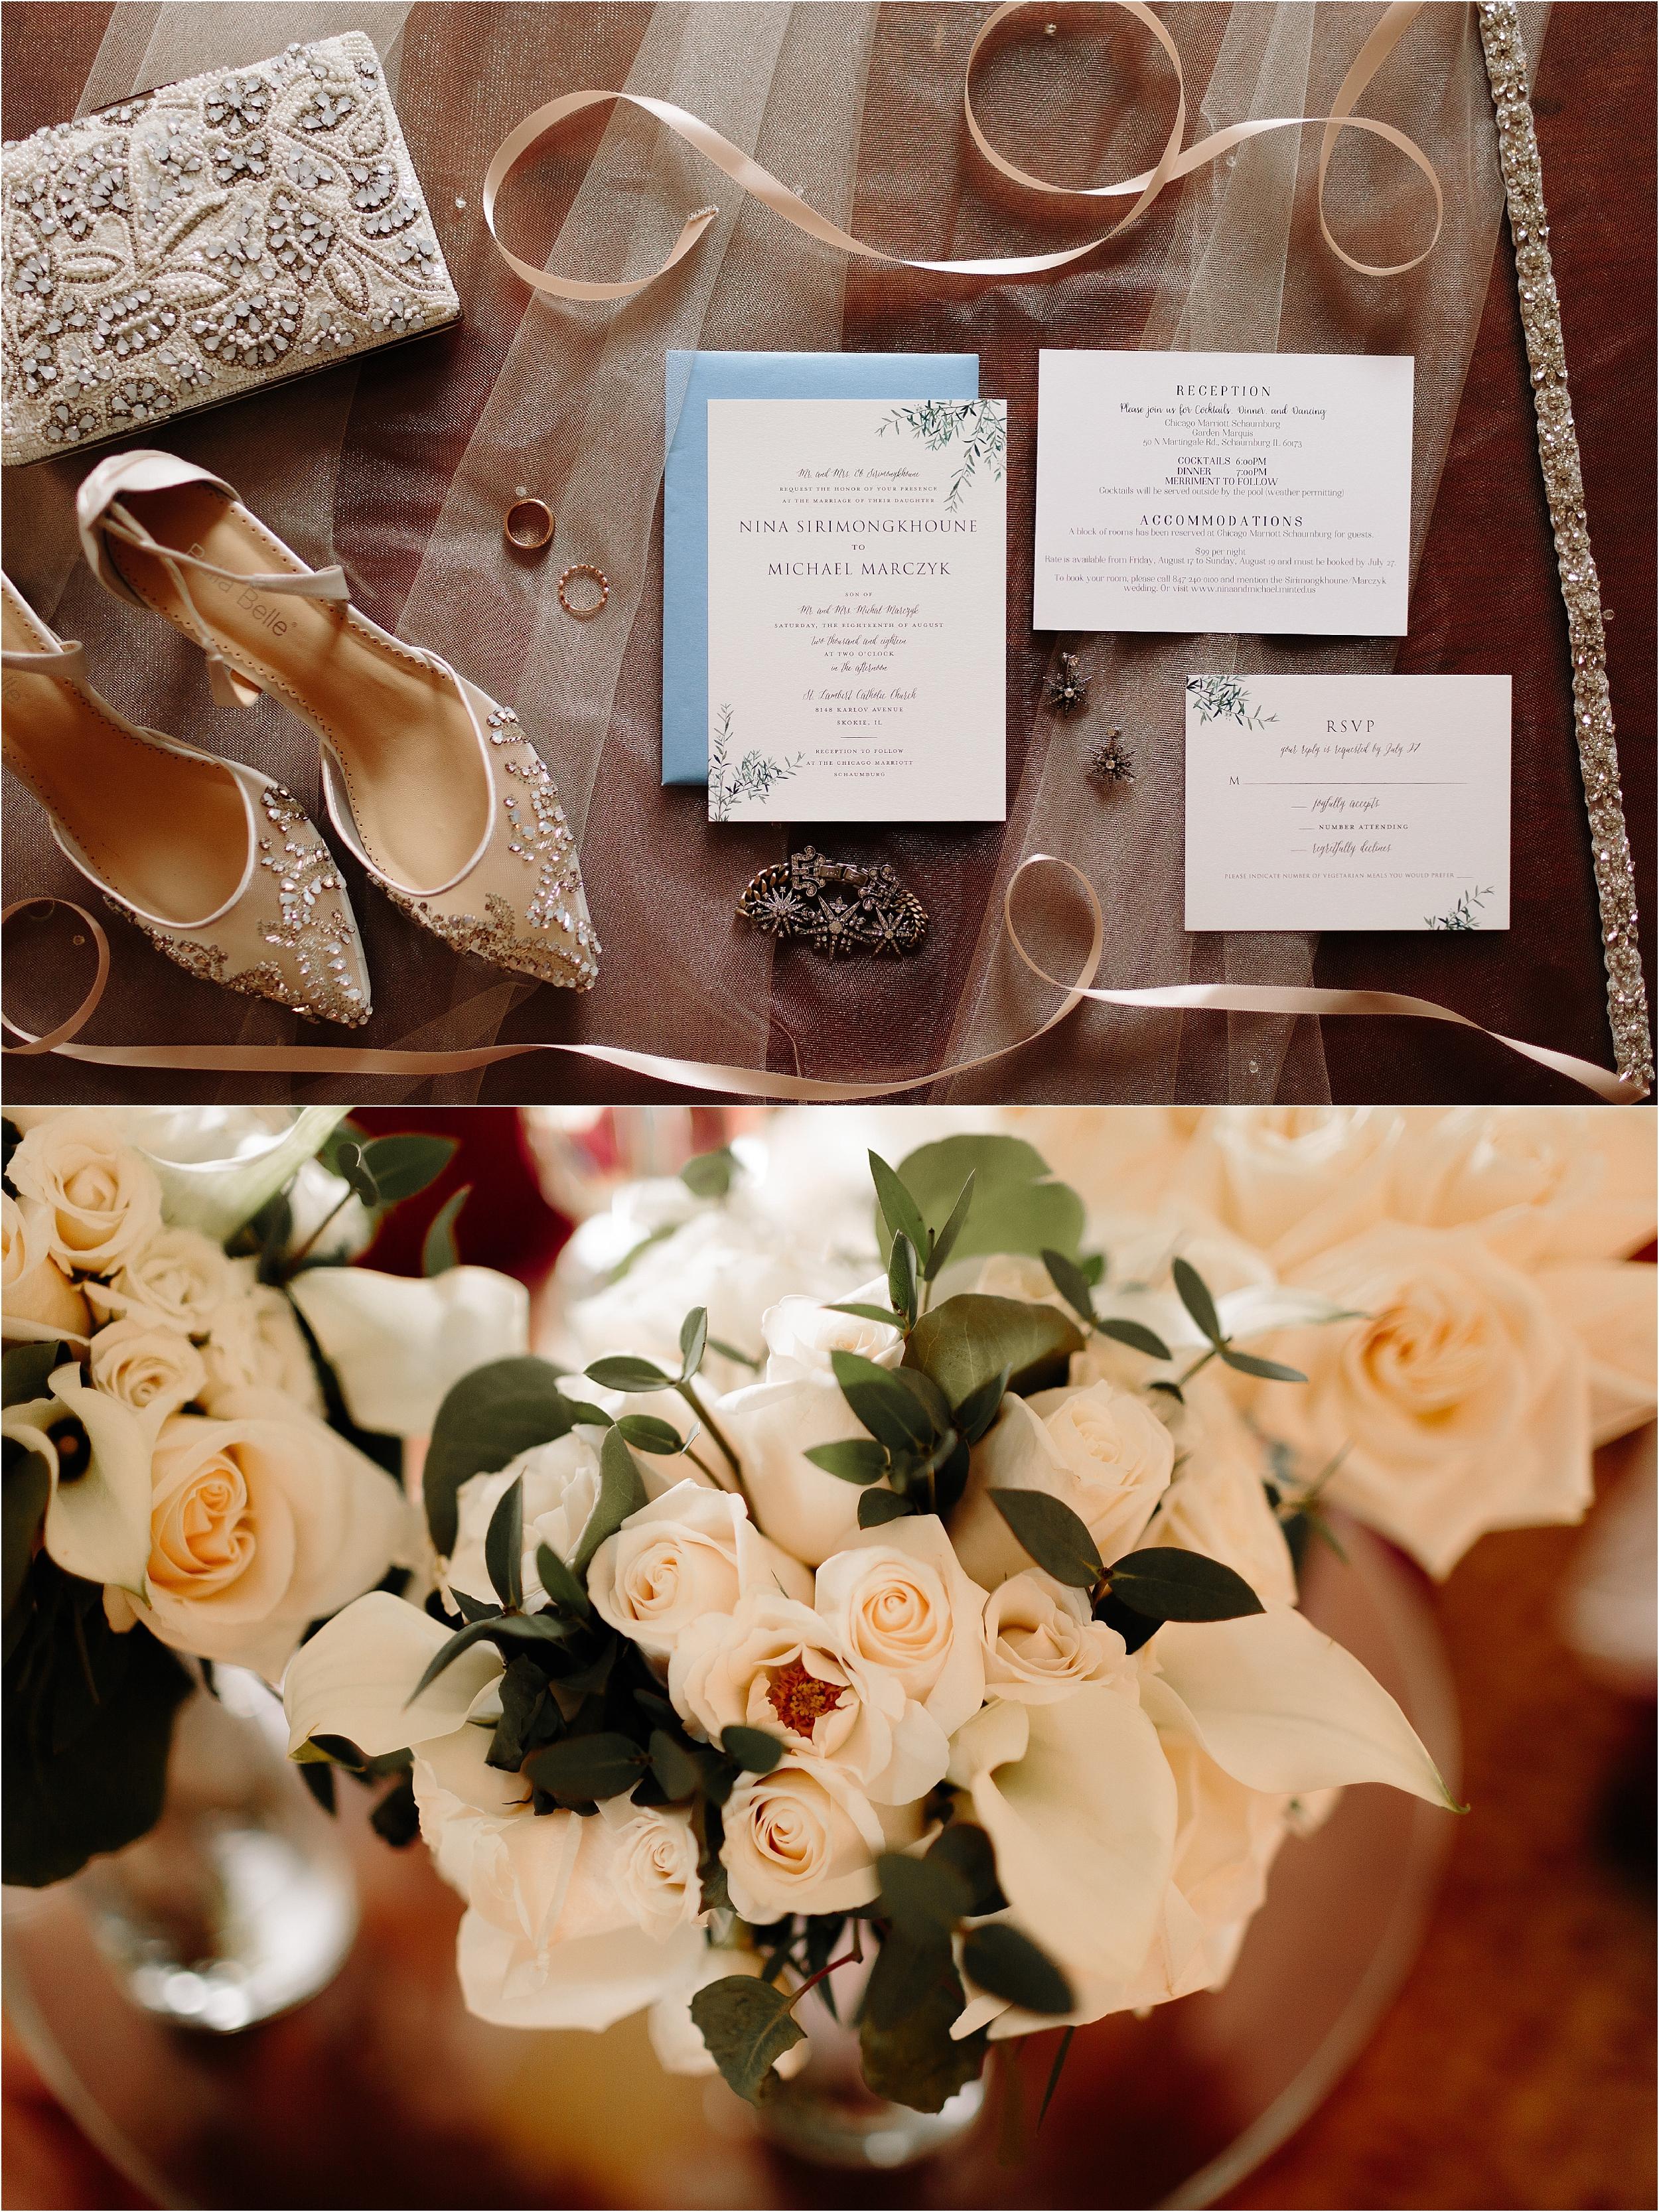 erika mattingly photography chicago wedding and lifestyle photographer erika mattingly photography chicago wedding and lifestyle photographer